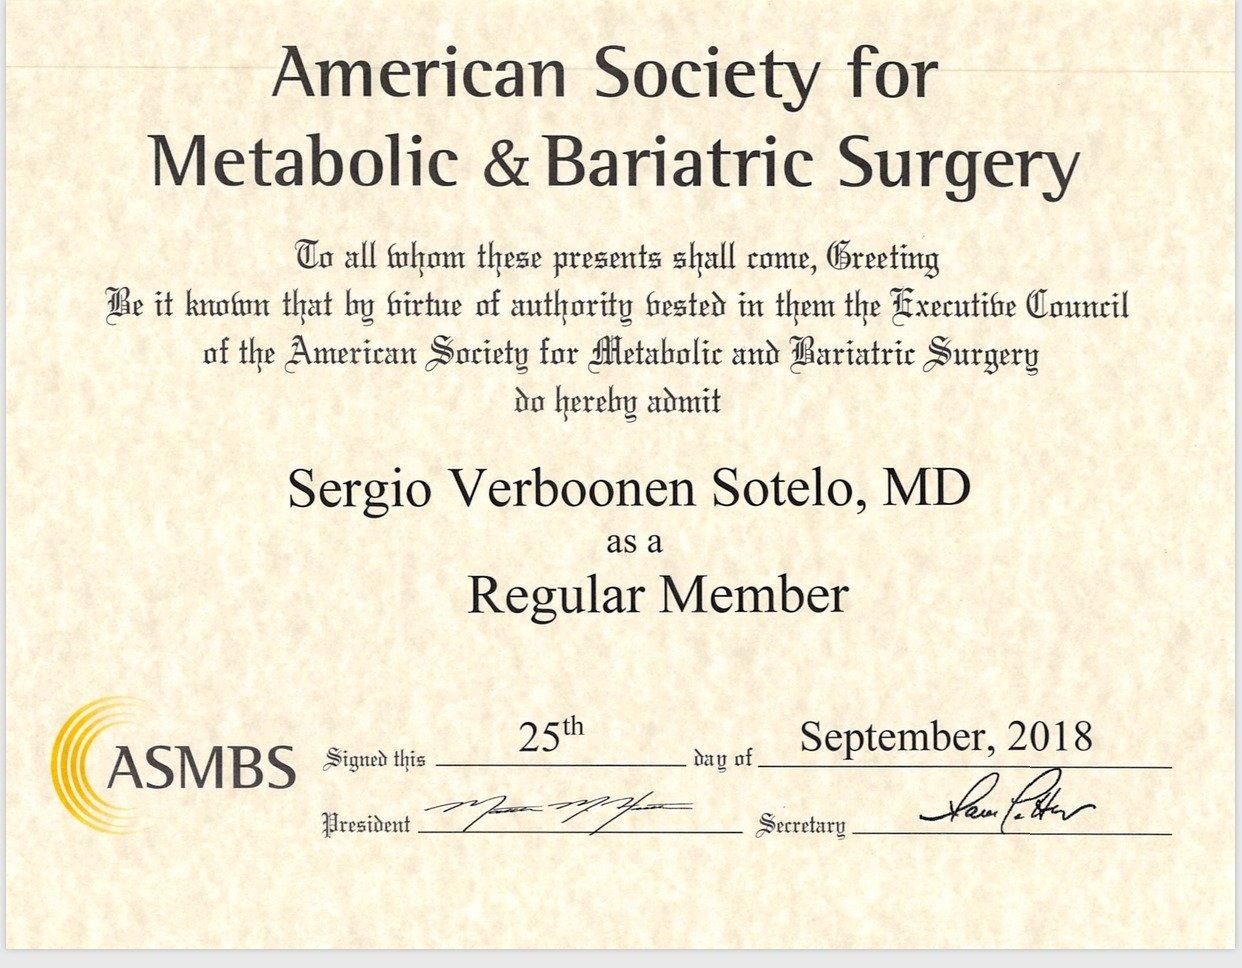 Dr Sergio Verboonen's ASMBS Certification